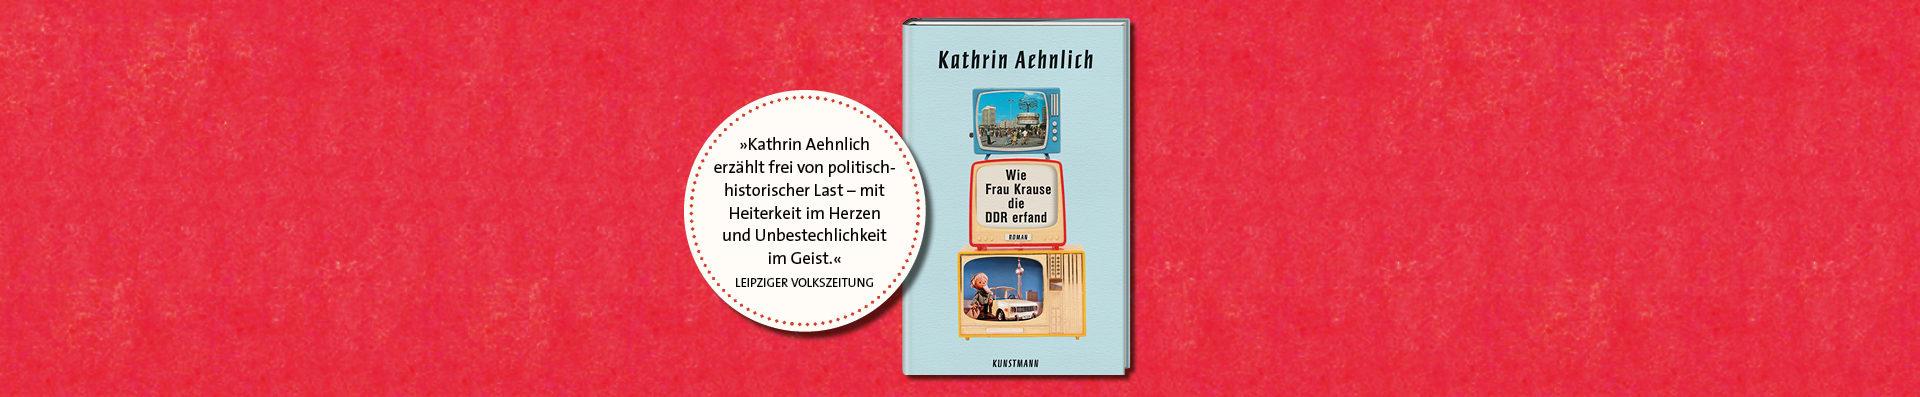 Kathrin Aehnlich – Wie Frau Krause die DDR erfand